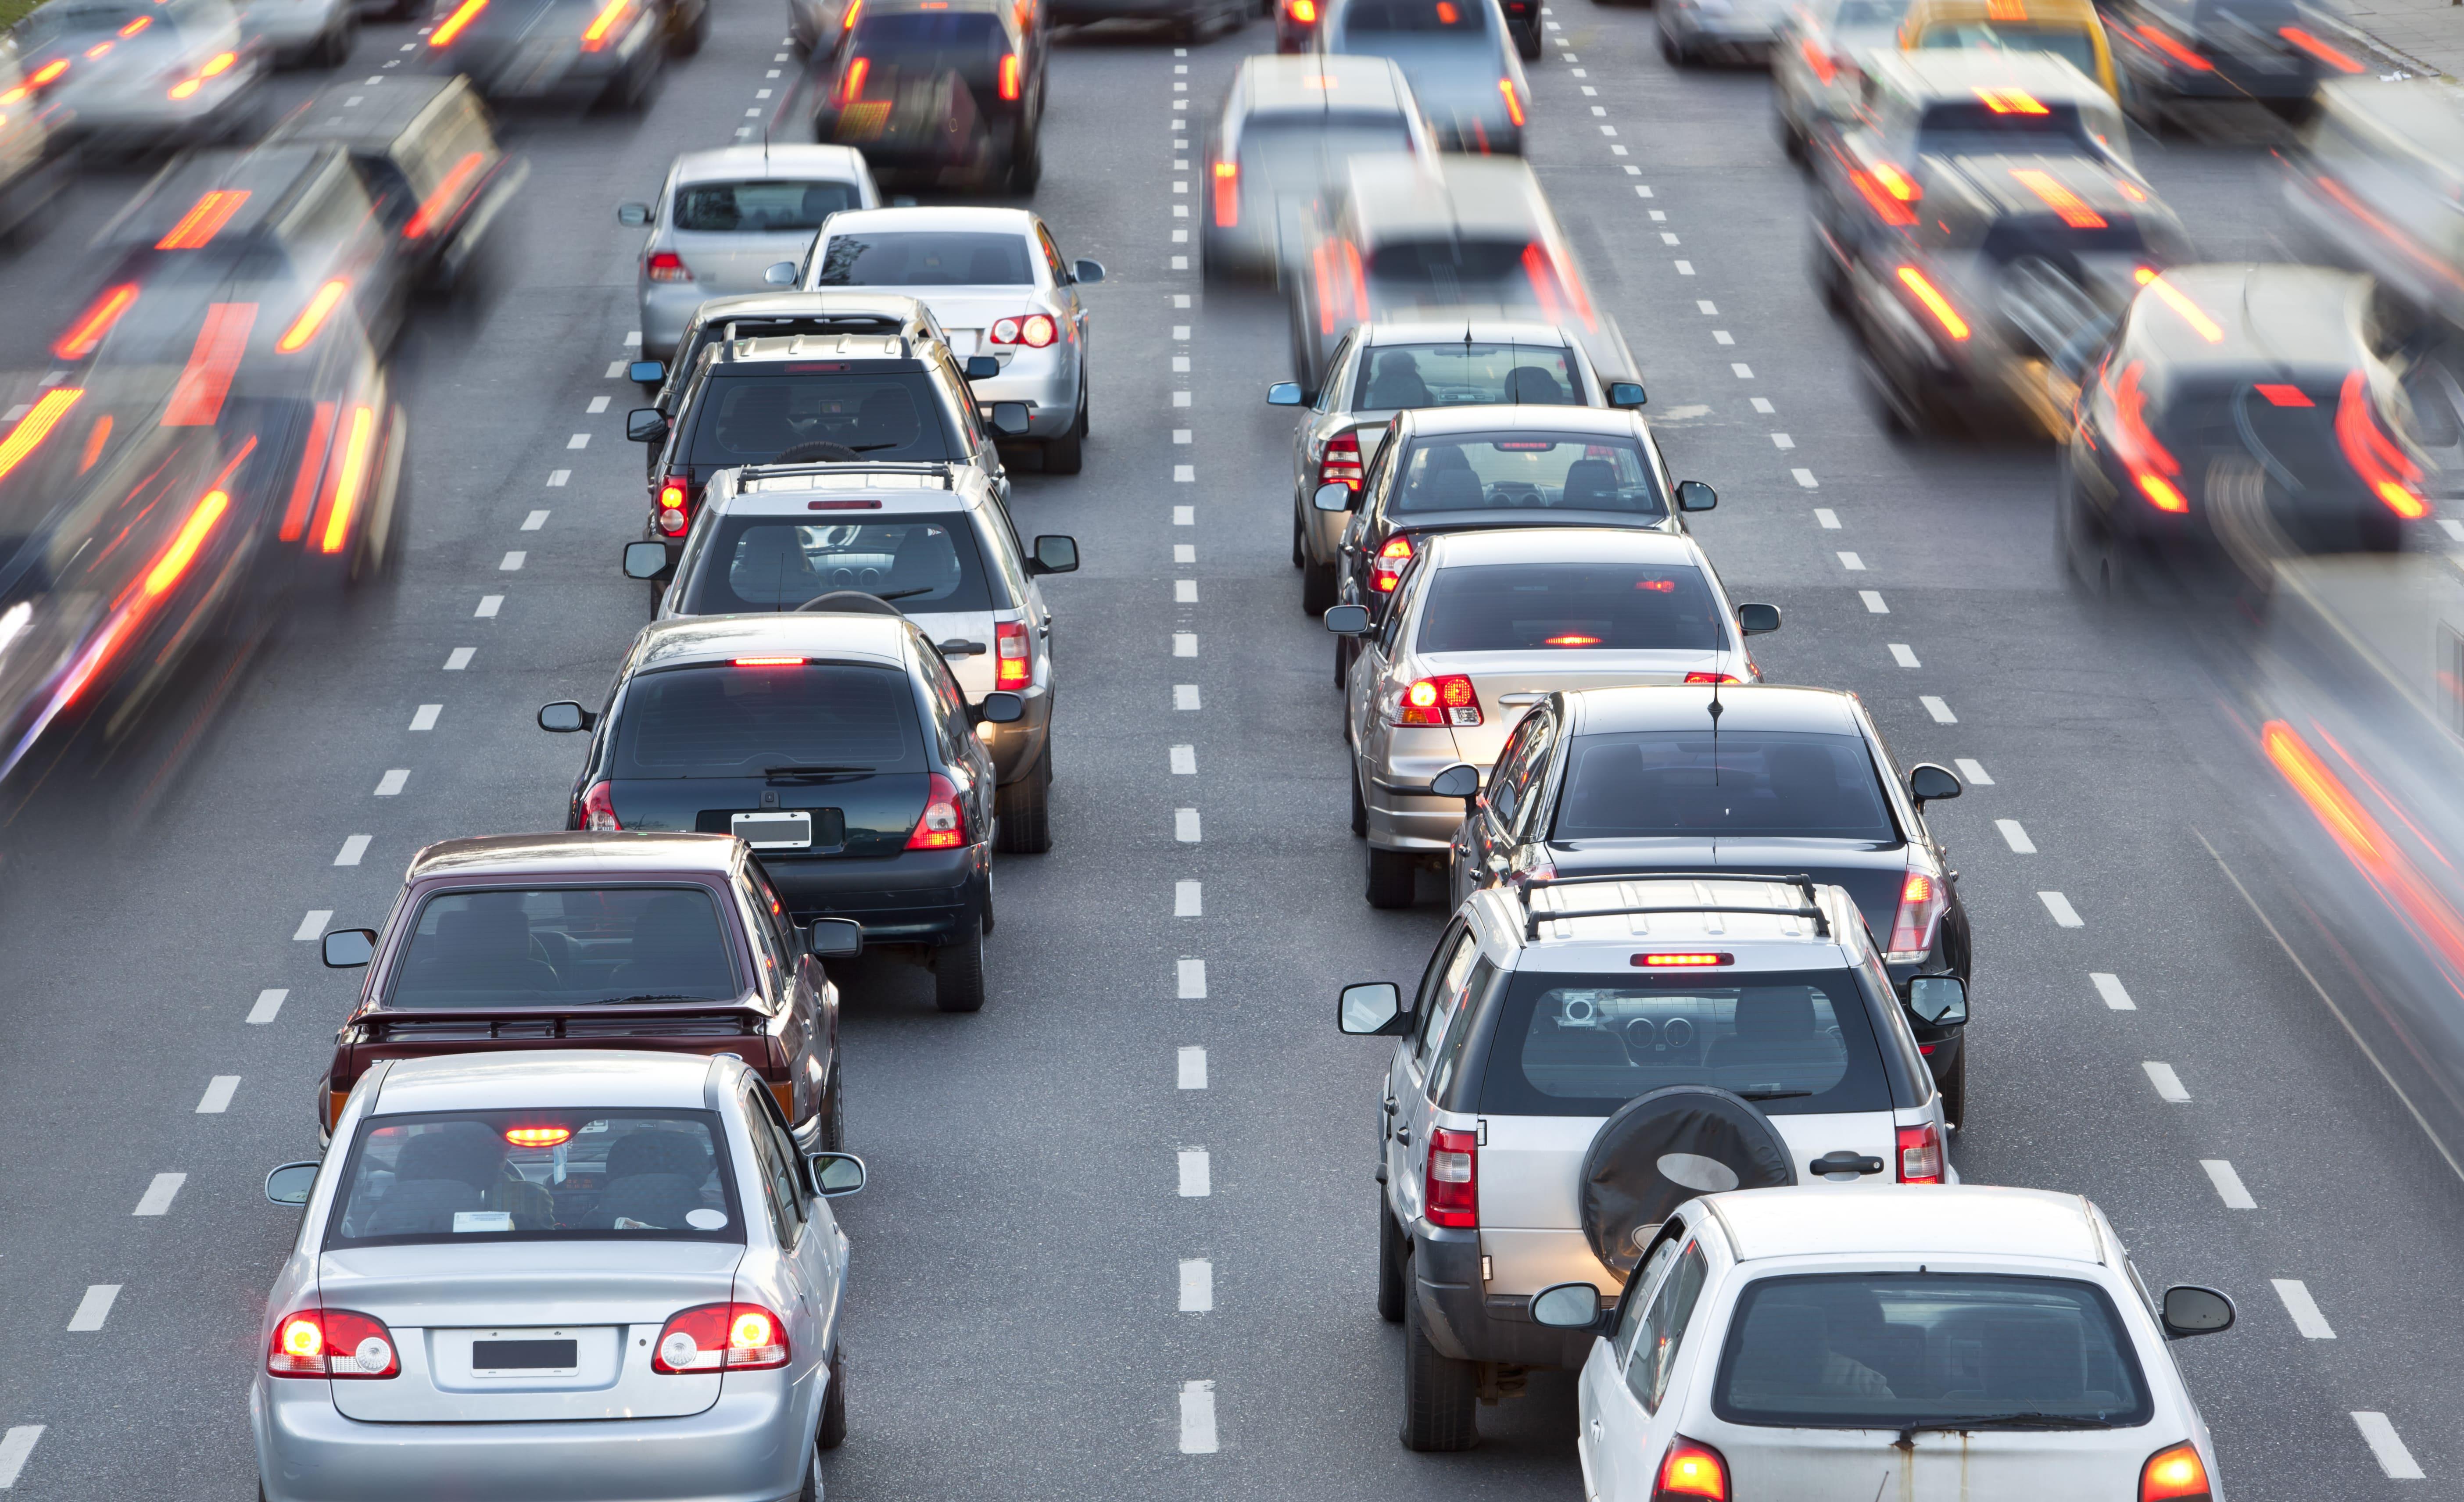 Cena dopravných zápch